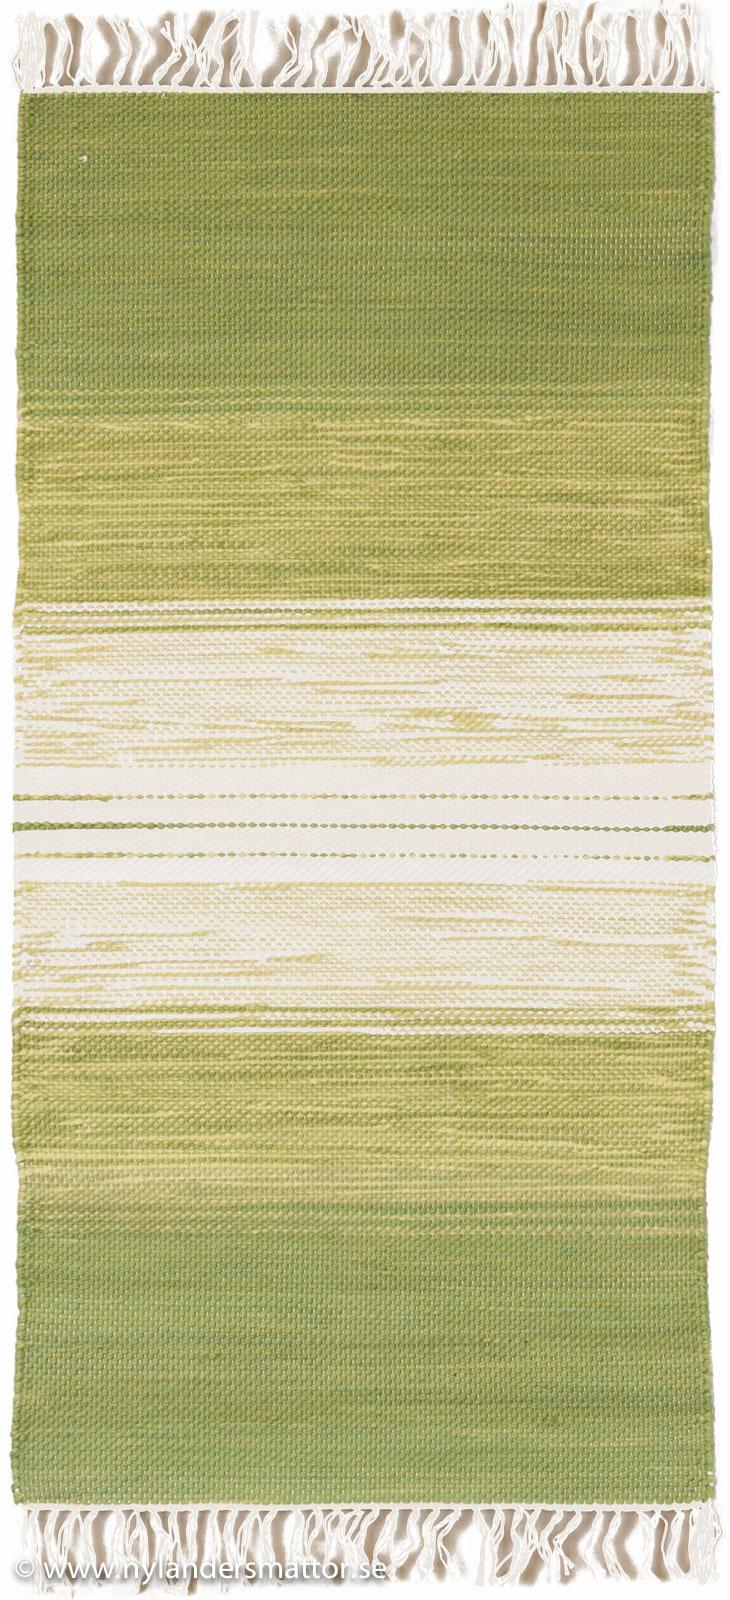 Mattor i bredden 60 cm   köp online idag   nylanders mattor